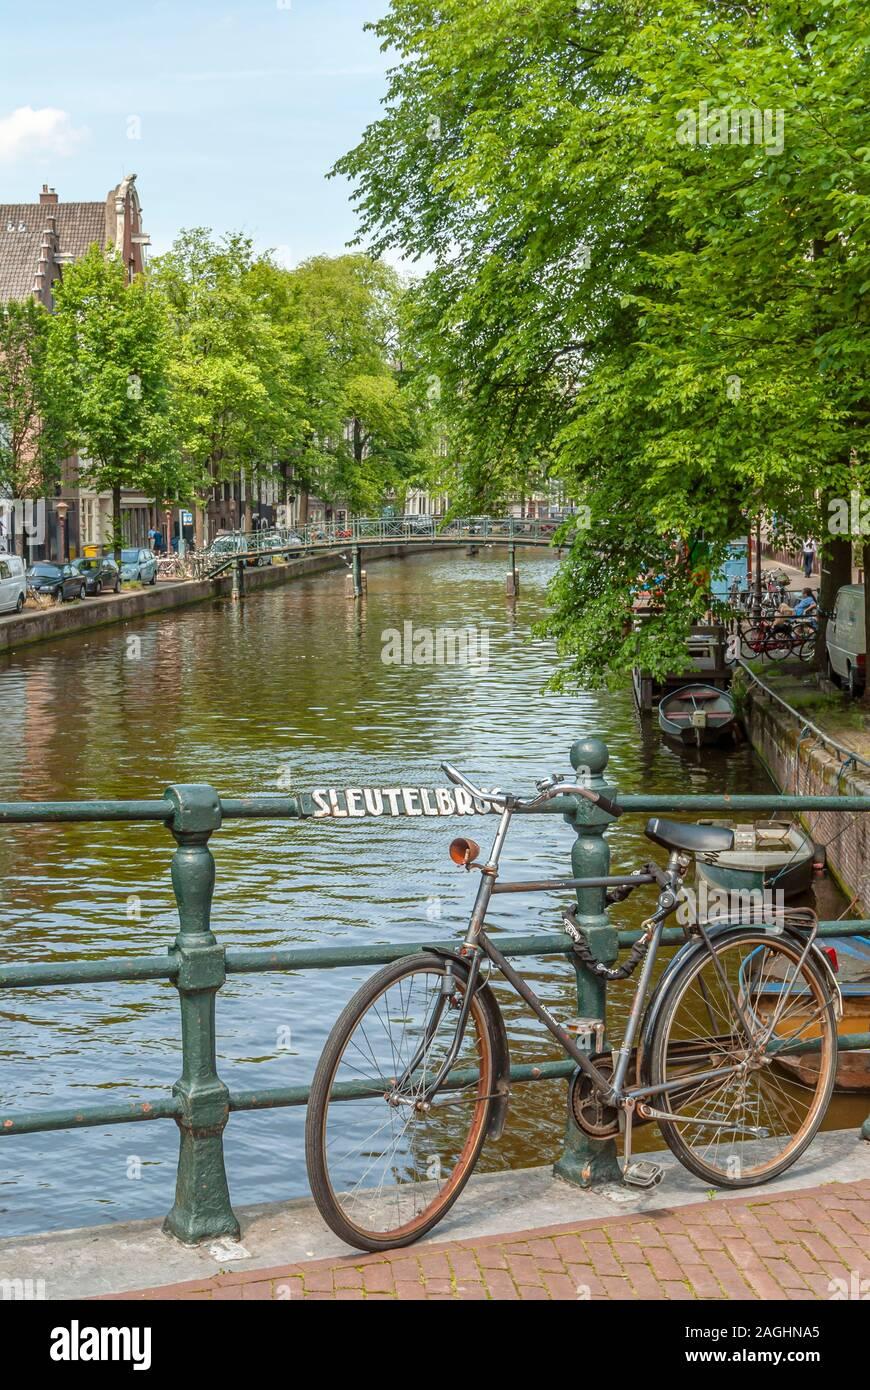 En la vieja bicicleta Sleutelbrug bridge en el centro de la ciudad de Amsterdam, Netherlande Foto de stock